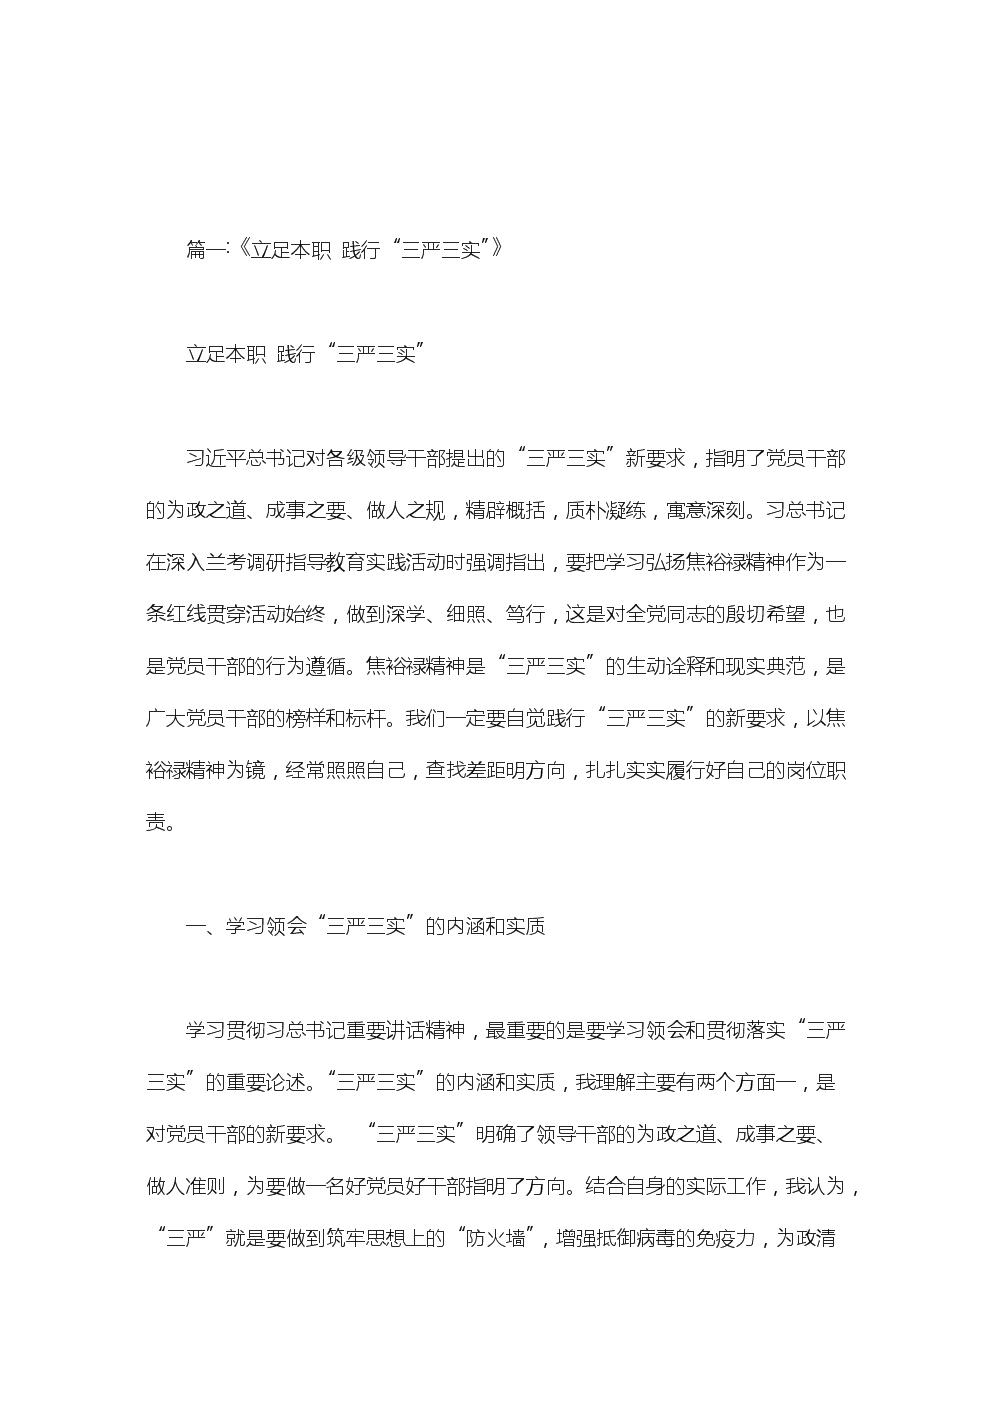 汽车行业三严三实.doc